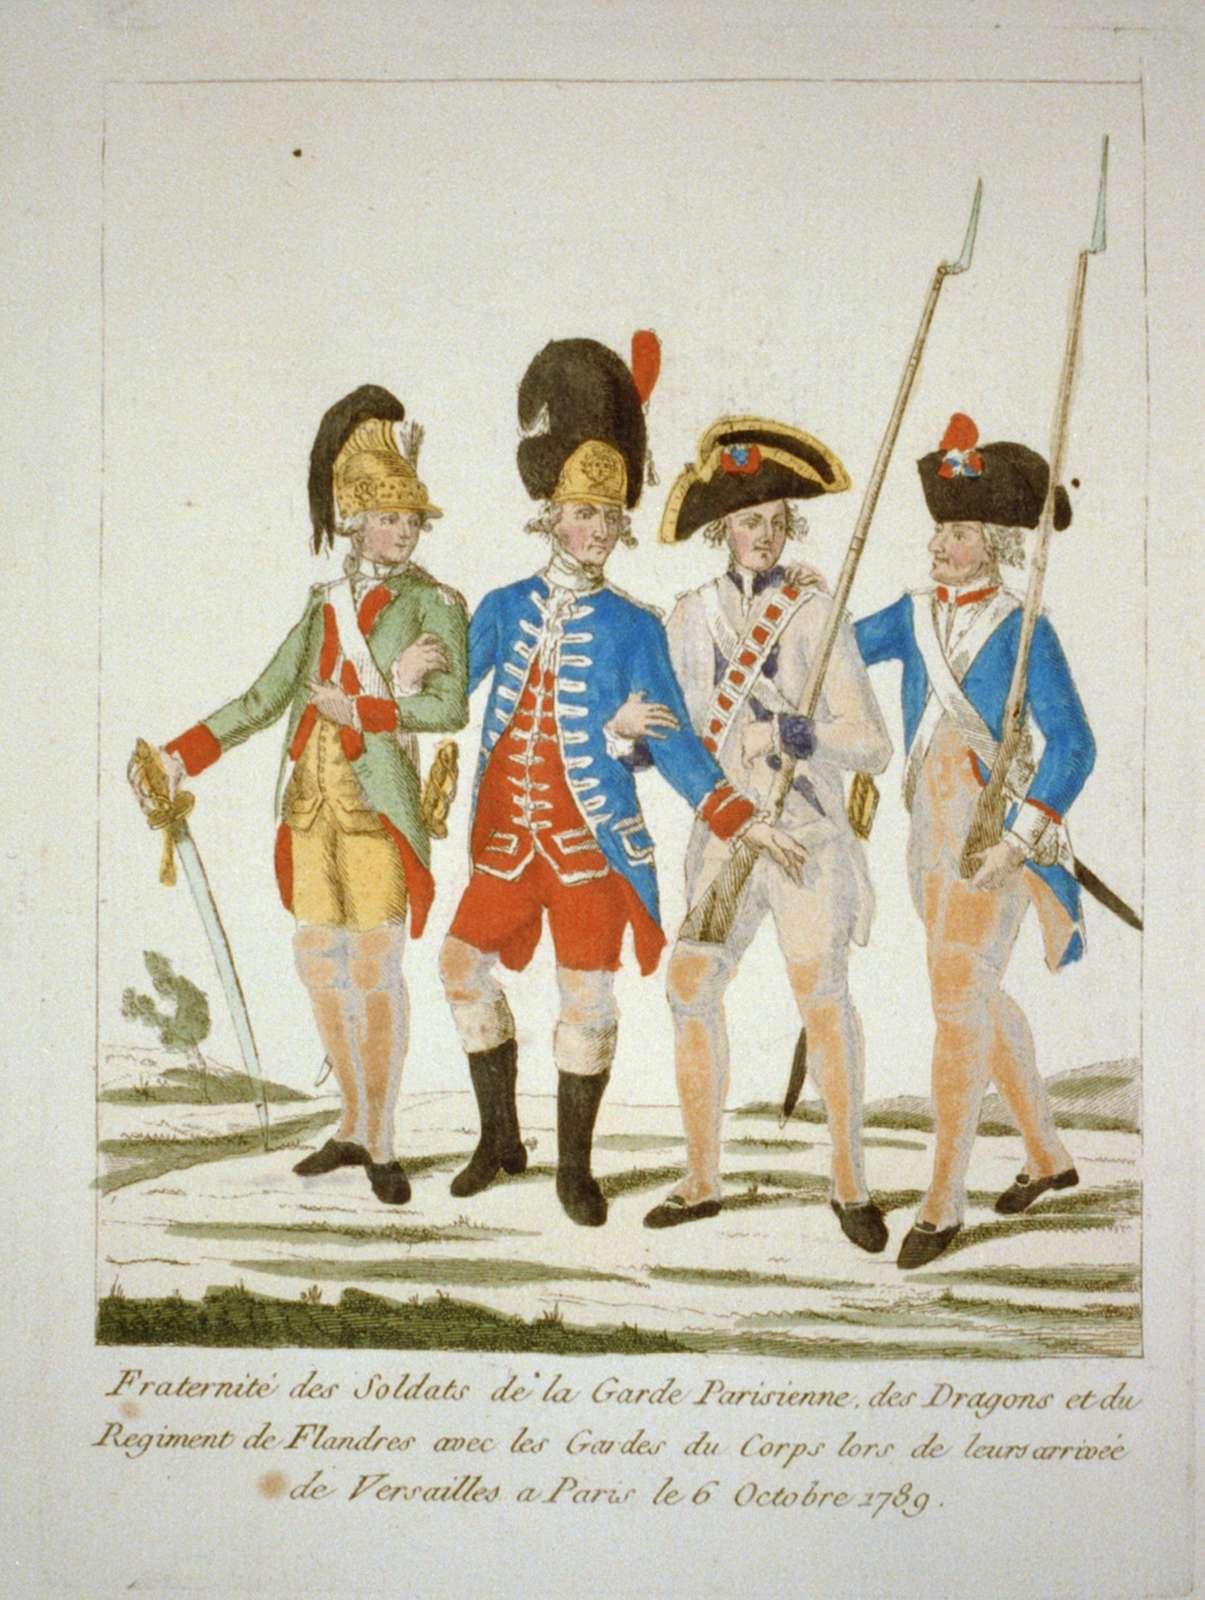 Fraternité des Soldats de la Garde Prisienne des Dragons et du Regiment de Flanders avec les Gardes du Corps lors de leurs arriveé de Versailles a Paris de 6 Octobre 1789